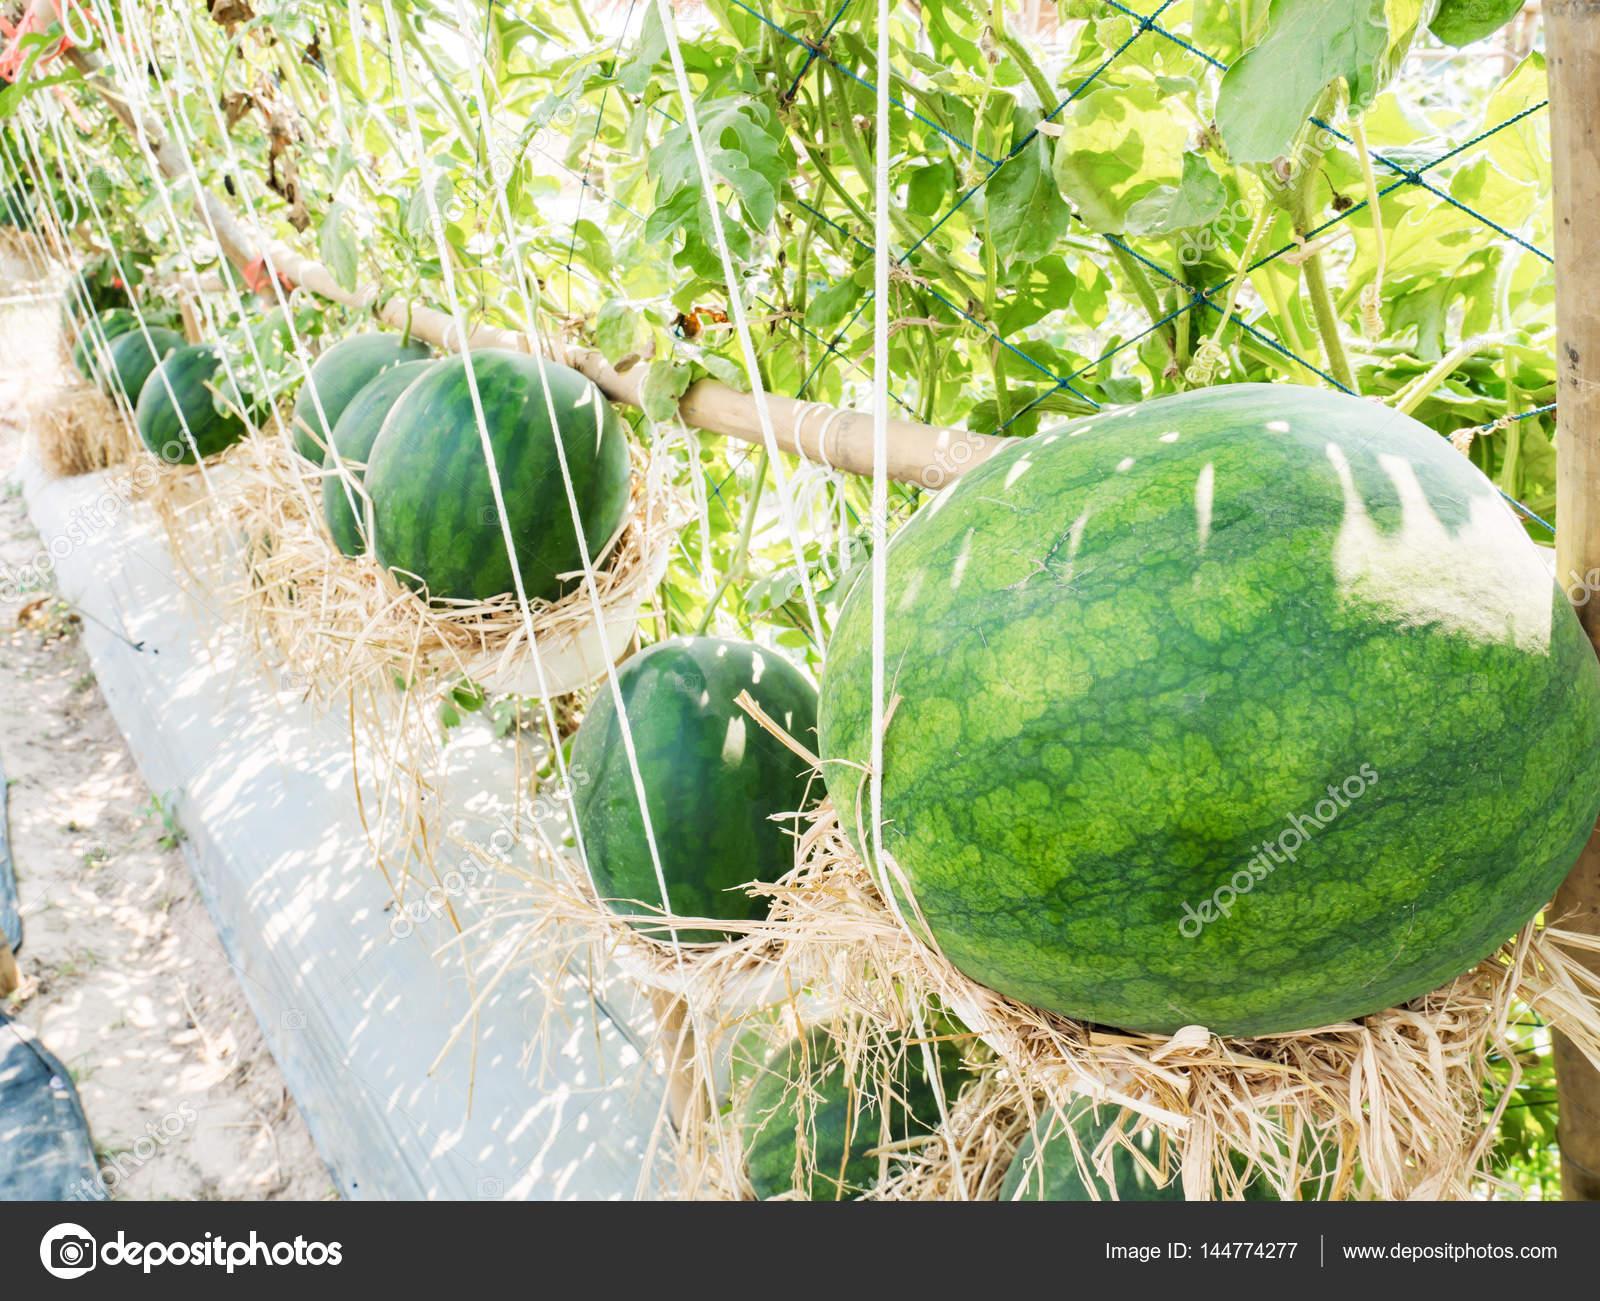 Außergewöhnlich Wassermelone Obst Gemüse Biobauernhof — Stockfoto © nungning20 &DQ_02